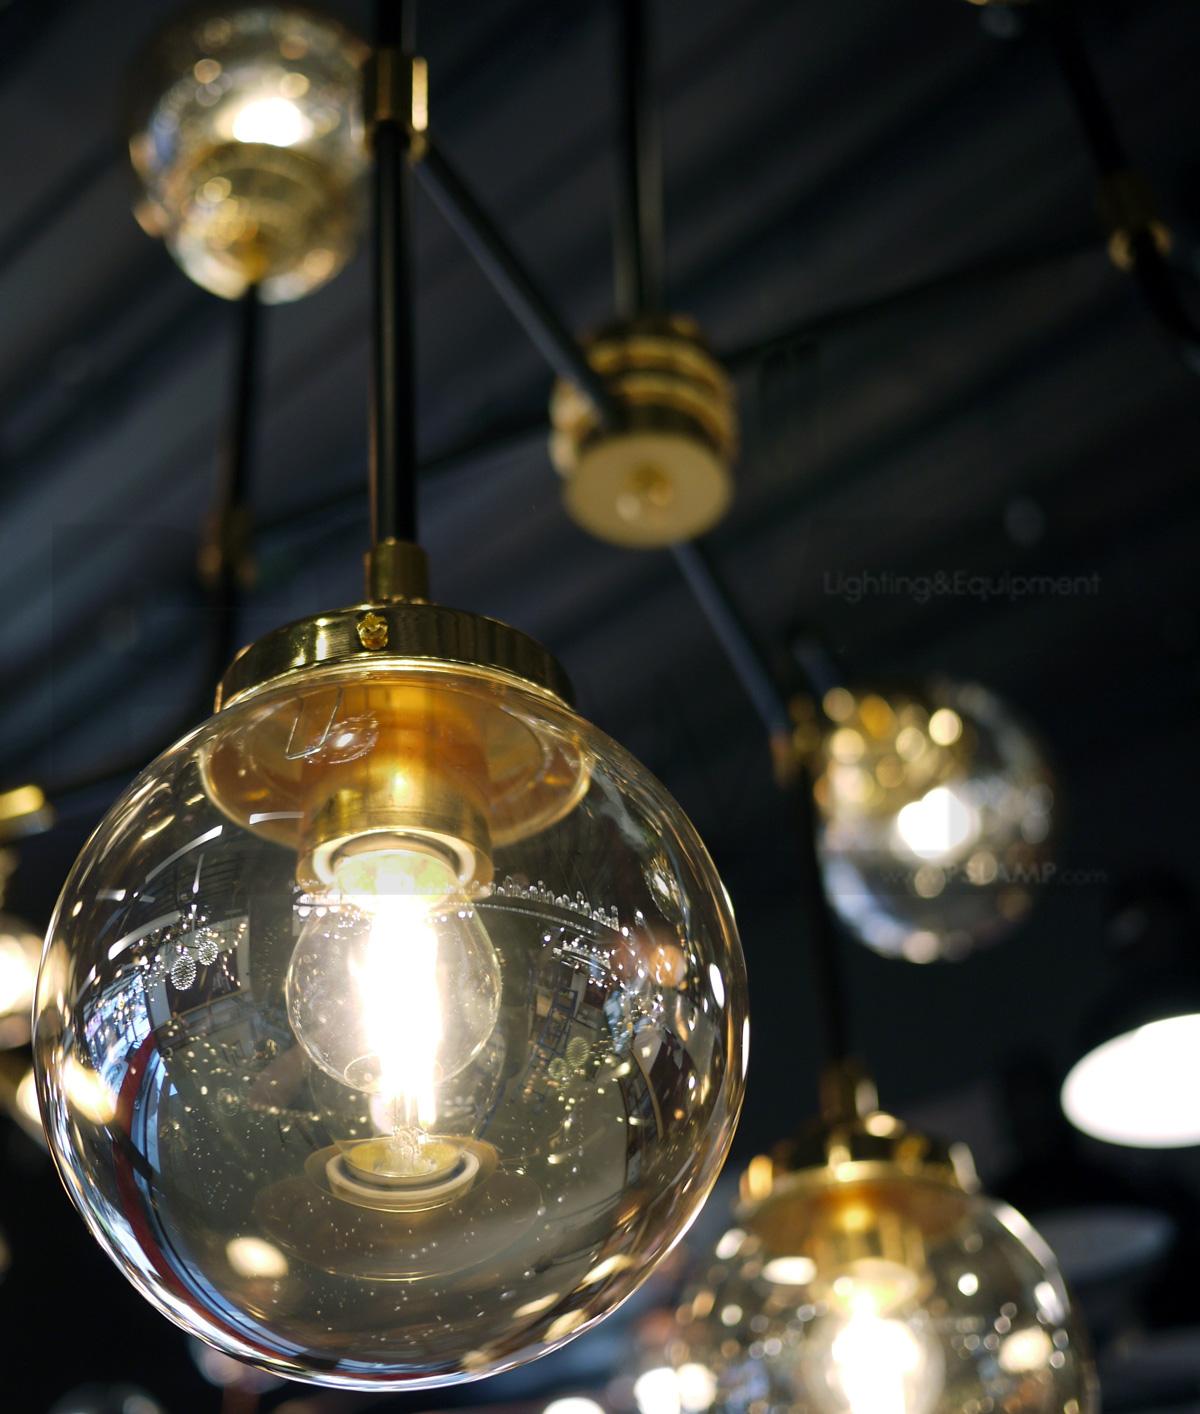 โคมไฟวินเทจ-โคมไฟโมเดิร์น-ขายโคมไฟ-ร้านโคมไฟ-โคมไฟราคาถูก-MASO